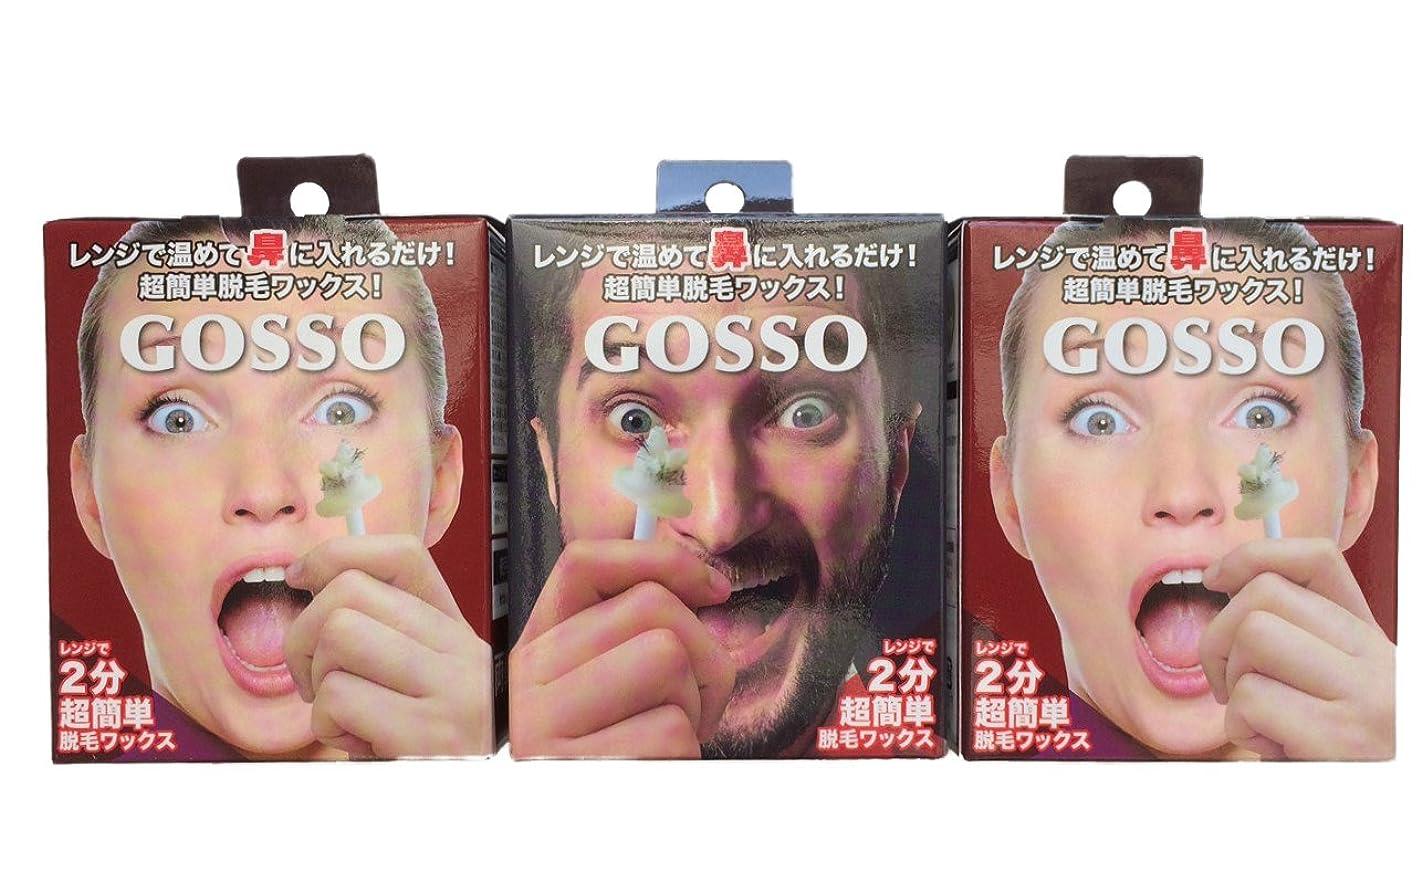 アンカー不注意自分GOSSO ゴッソ ブラジリアンワックス鼻毛脱毛セット(3個セット)